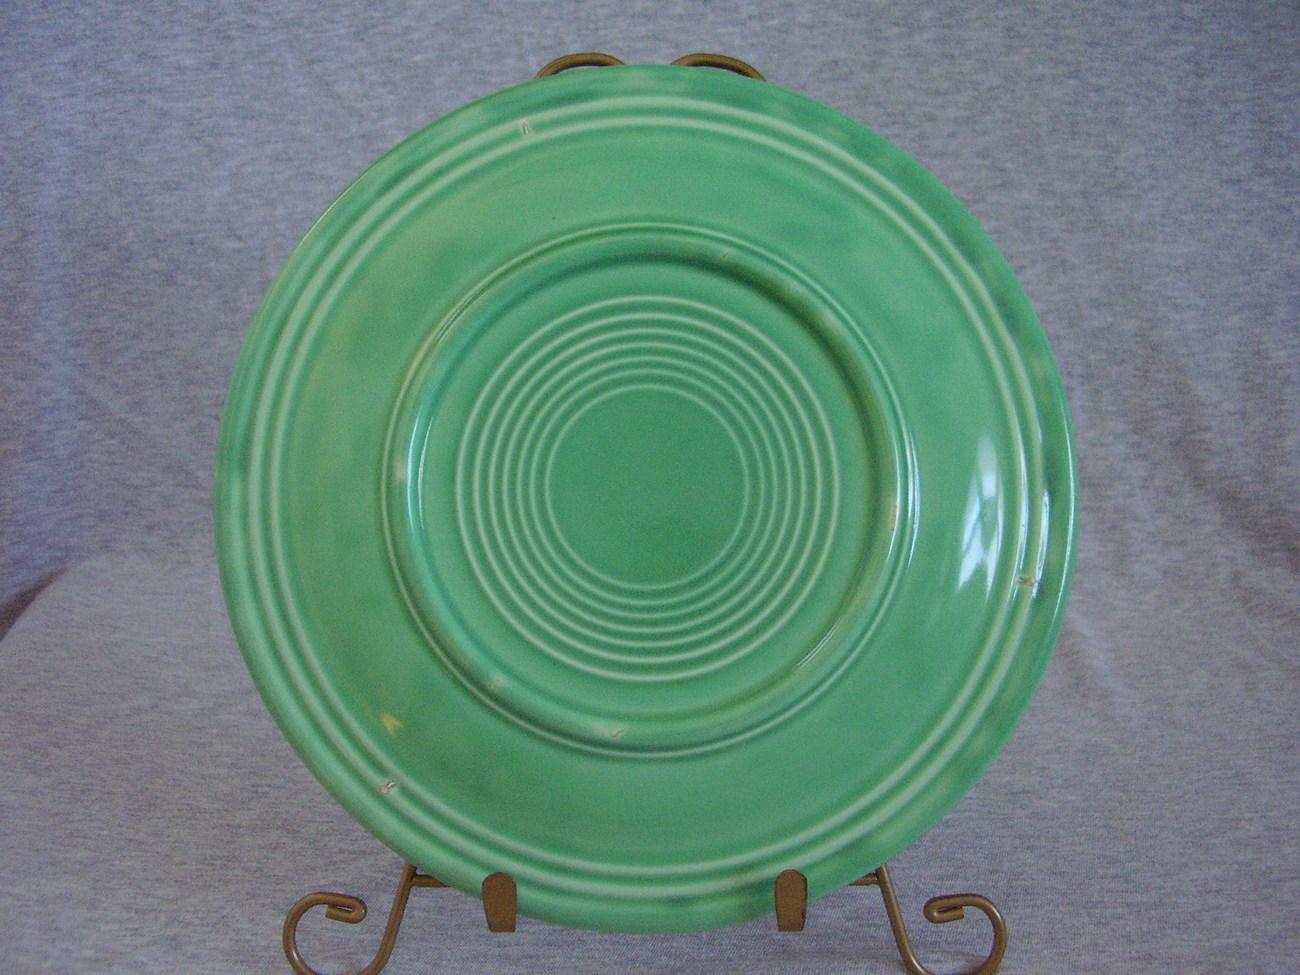 Vintage Fiestaware Original Green Lunch Plate  N